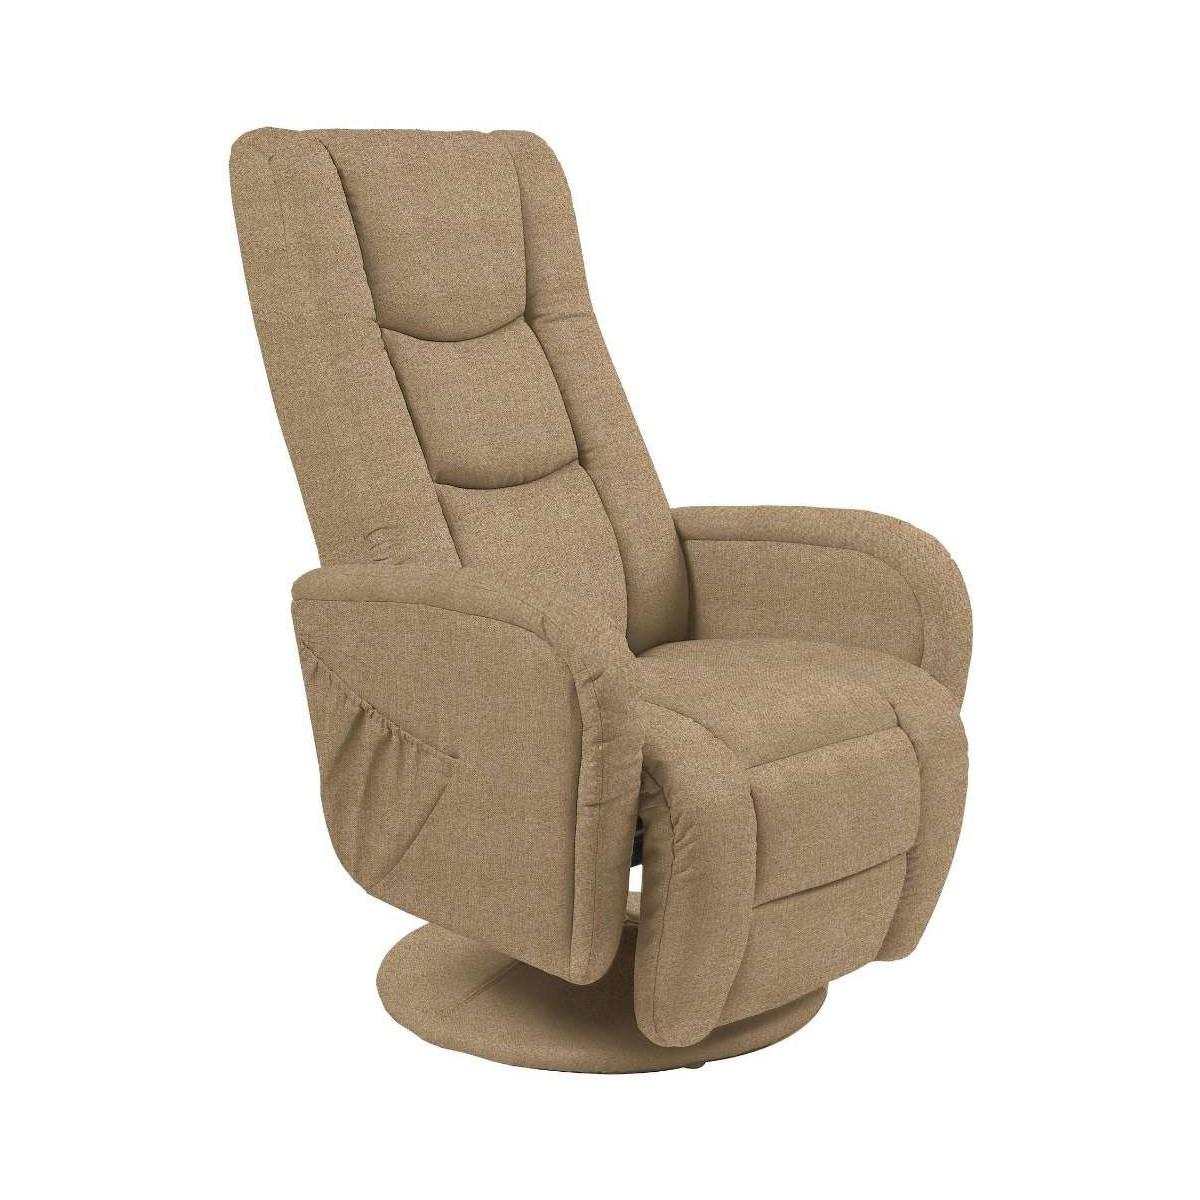 Pulsar beżowy fotel rozkładany z funkcją masażu i podgrzewania